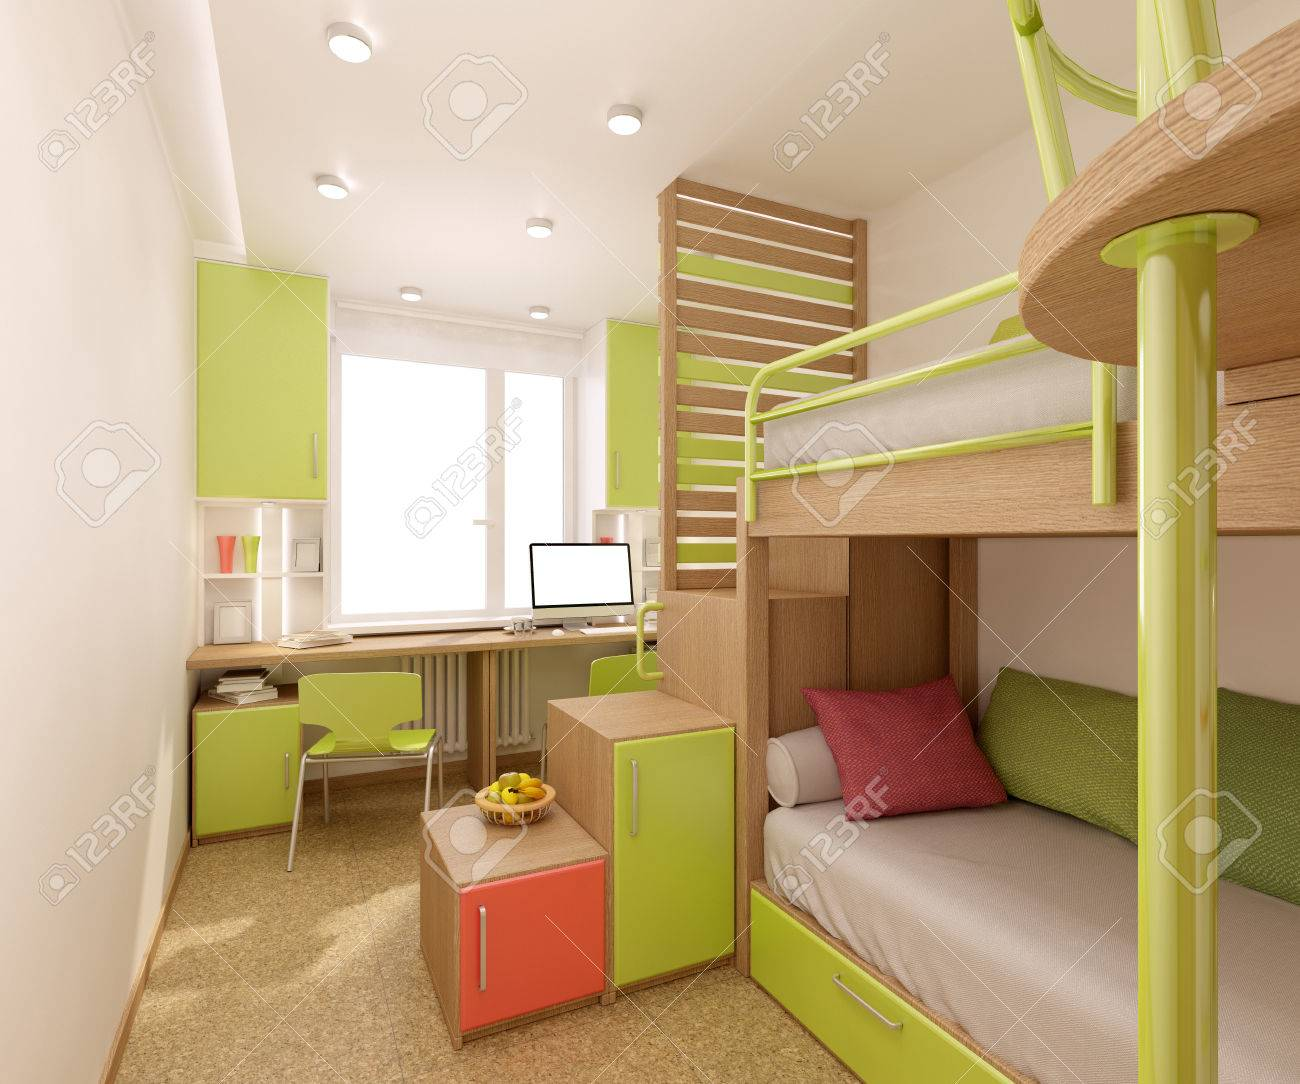 Kinderzimmer In Hellen Farben Mit Natürlichen Materialien Gemacht.  Etagenbett Für Zwei Kinder. Standard